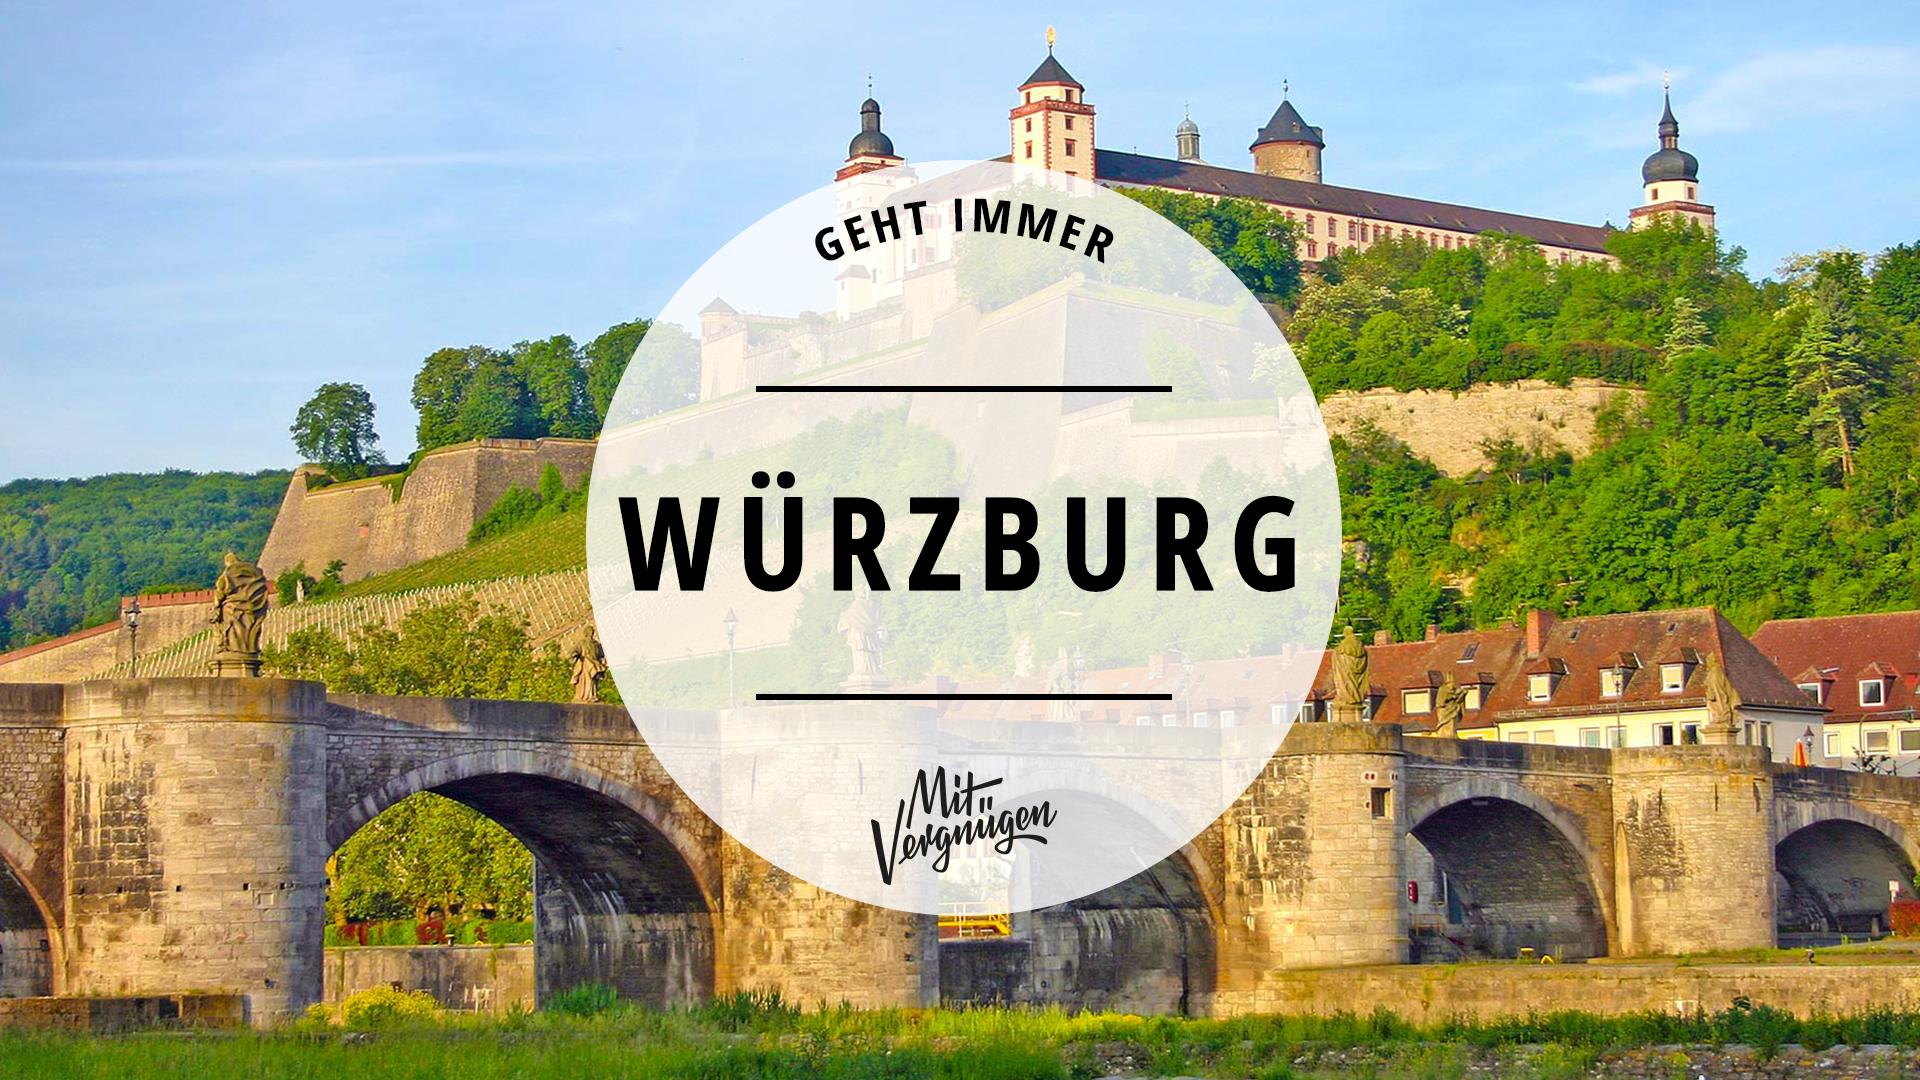 11 Dinge Die Du Immer In Wurzburg Machen Kannst Mit Vergnugen Munchen